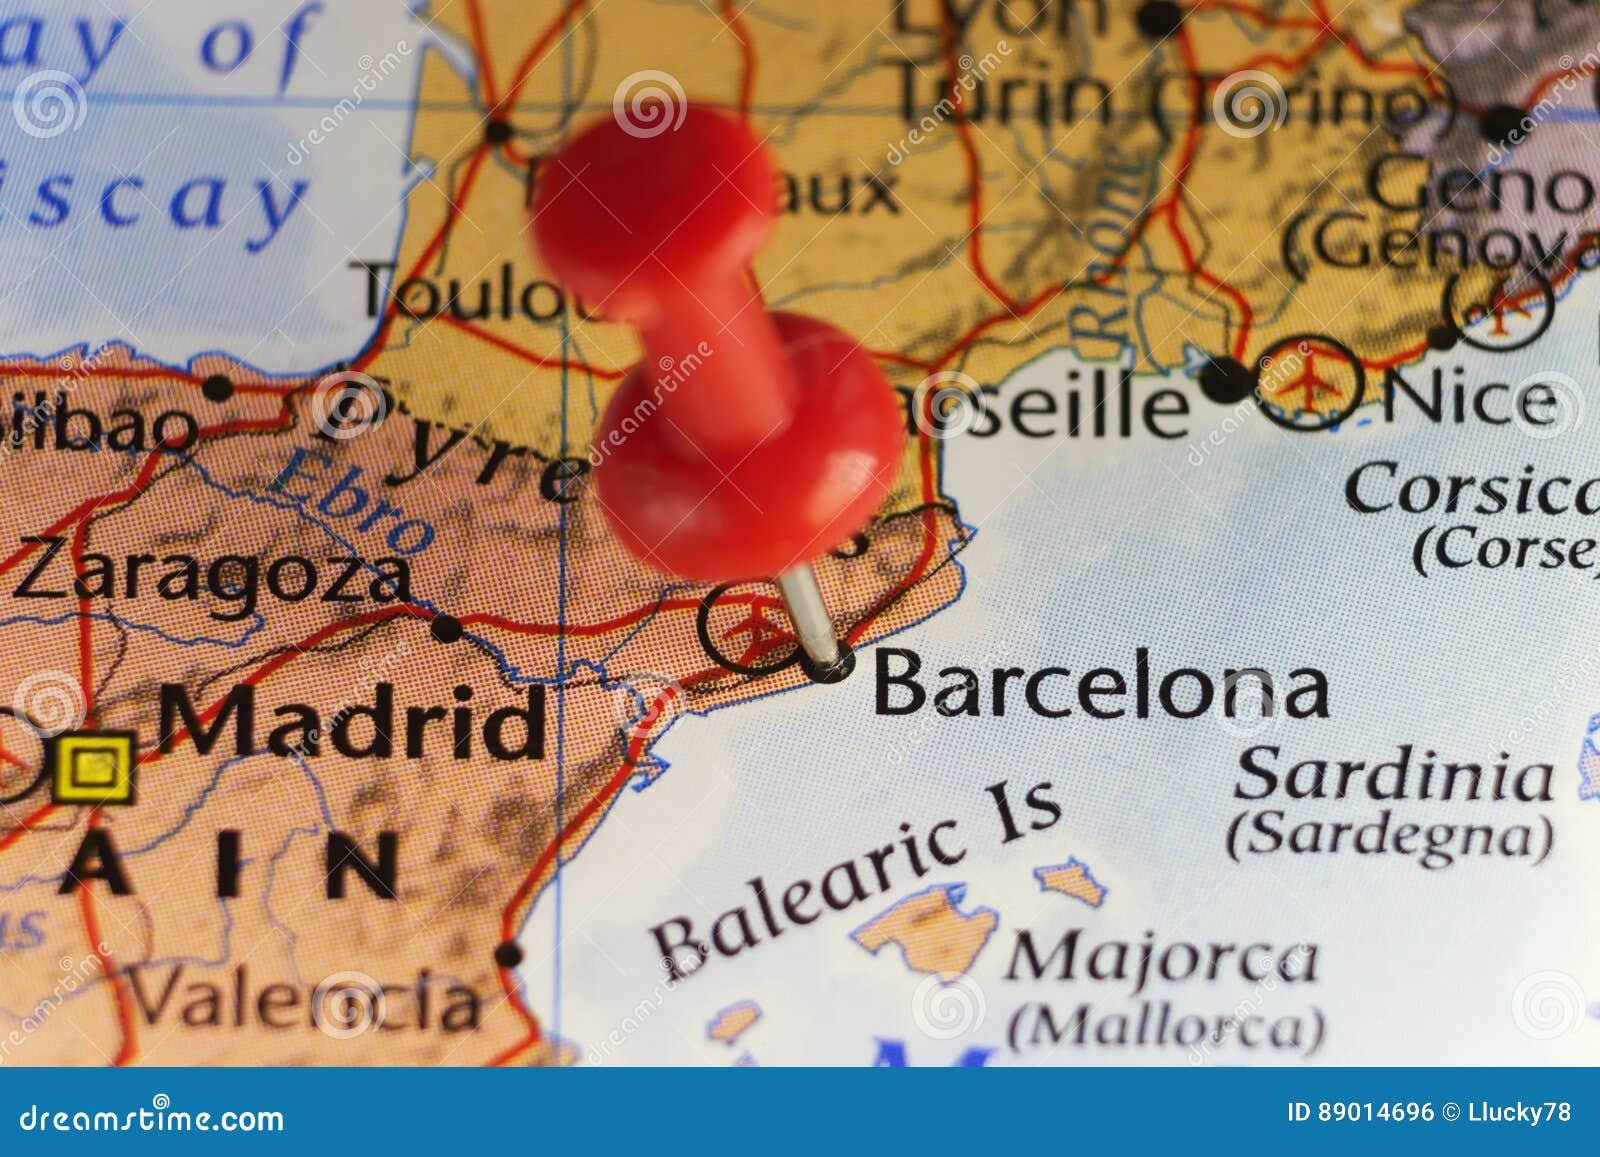 carte espagne barcelone images et photos